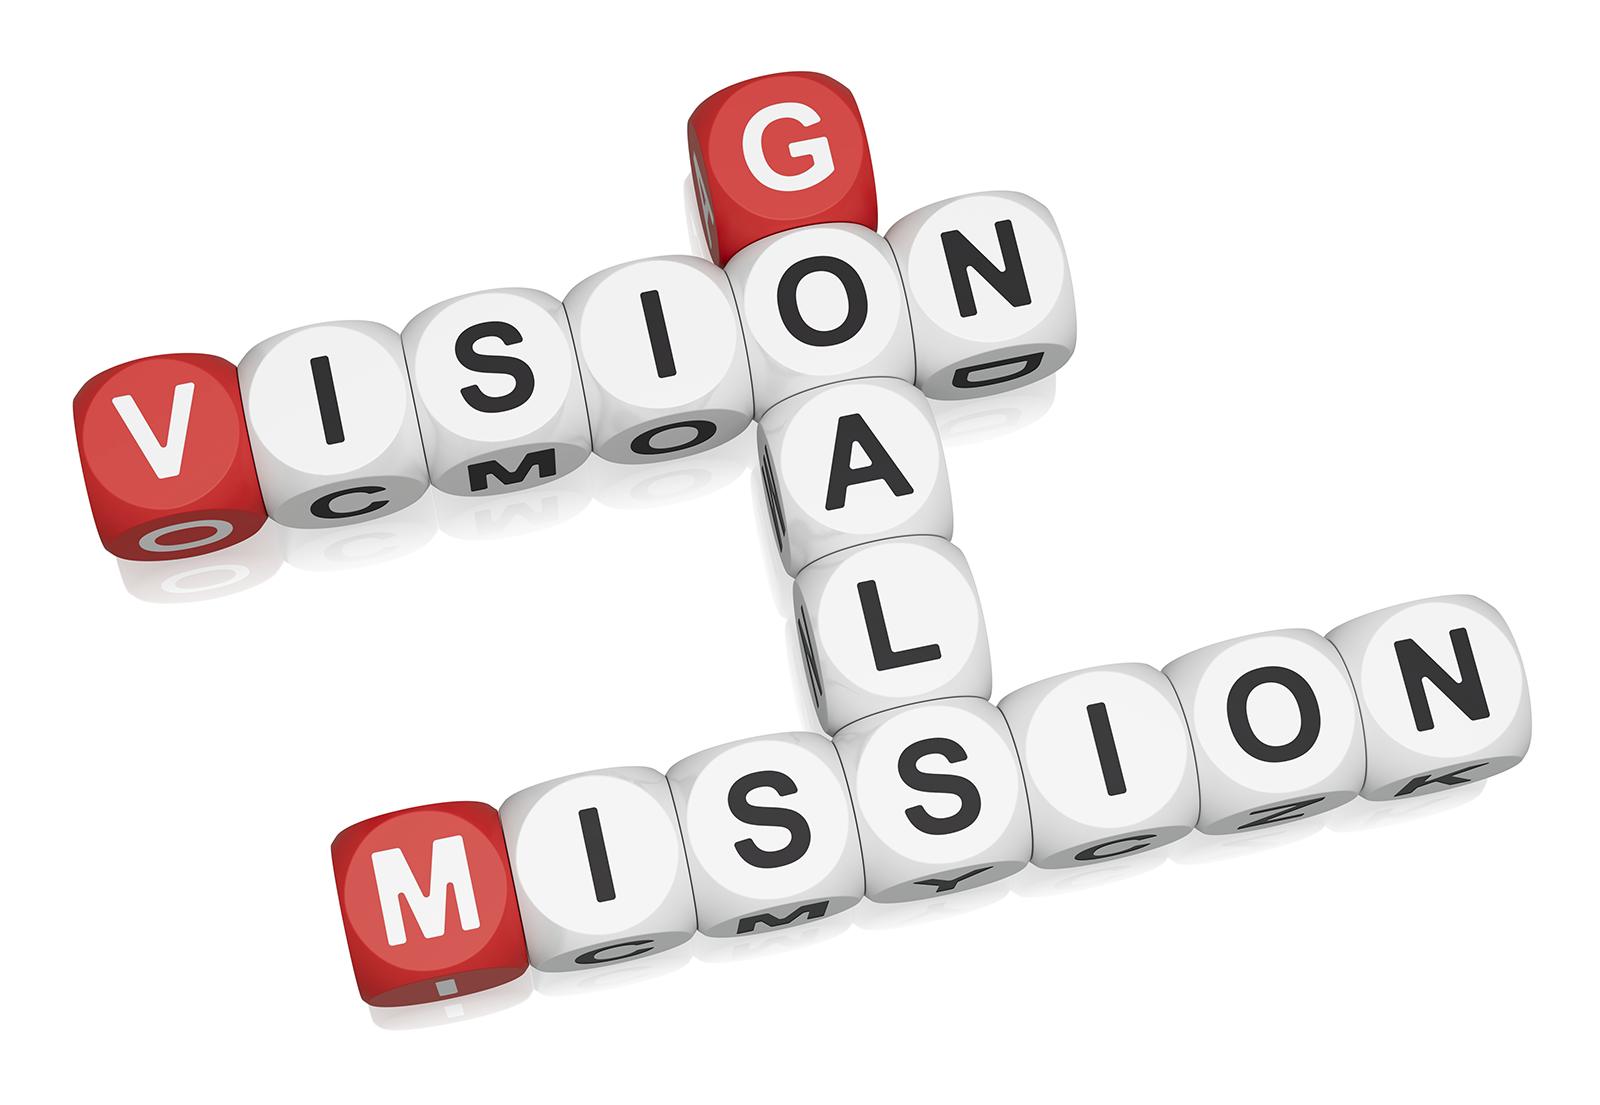 Goals, Mission & Vision